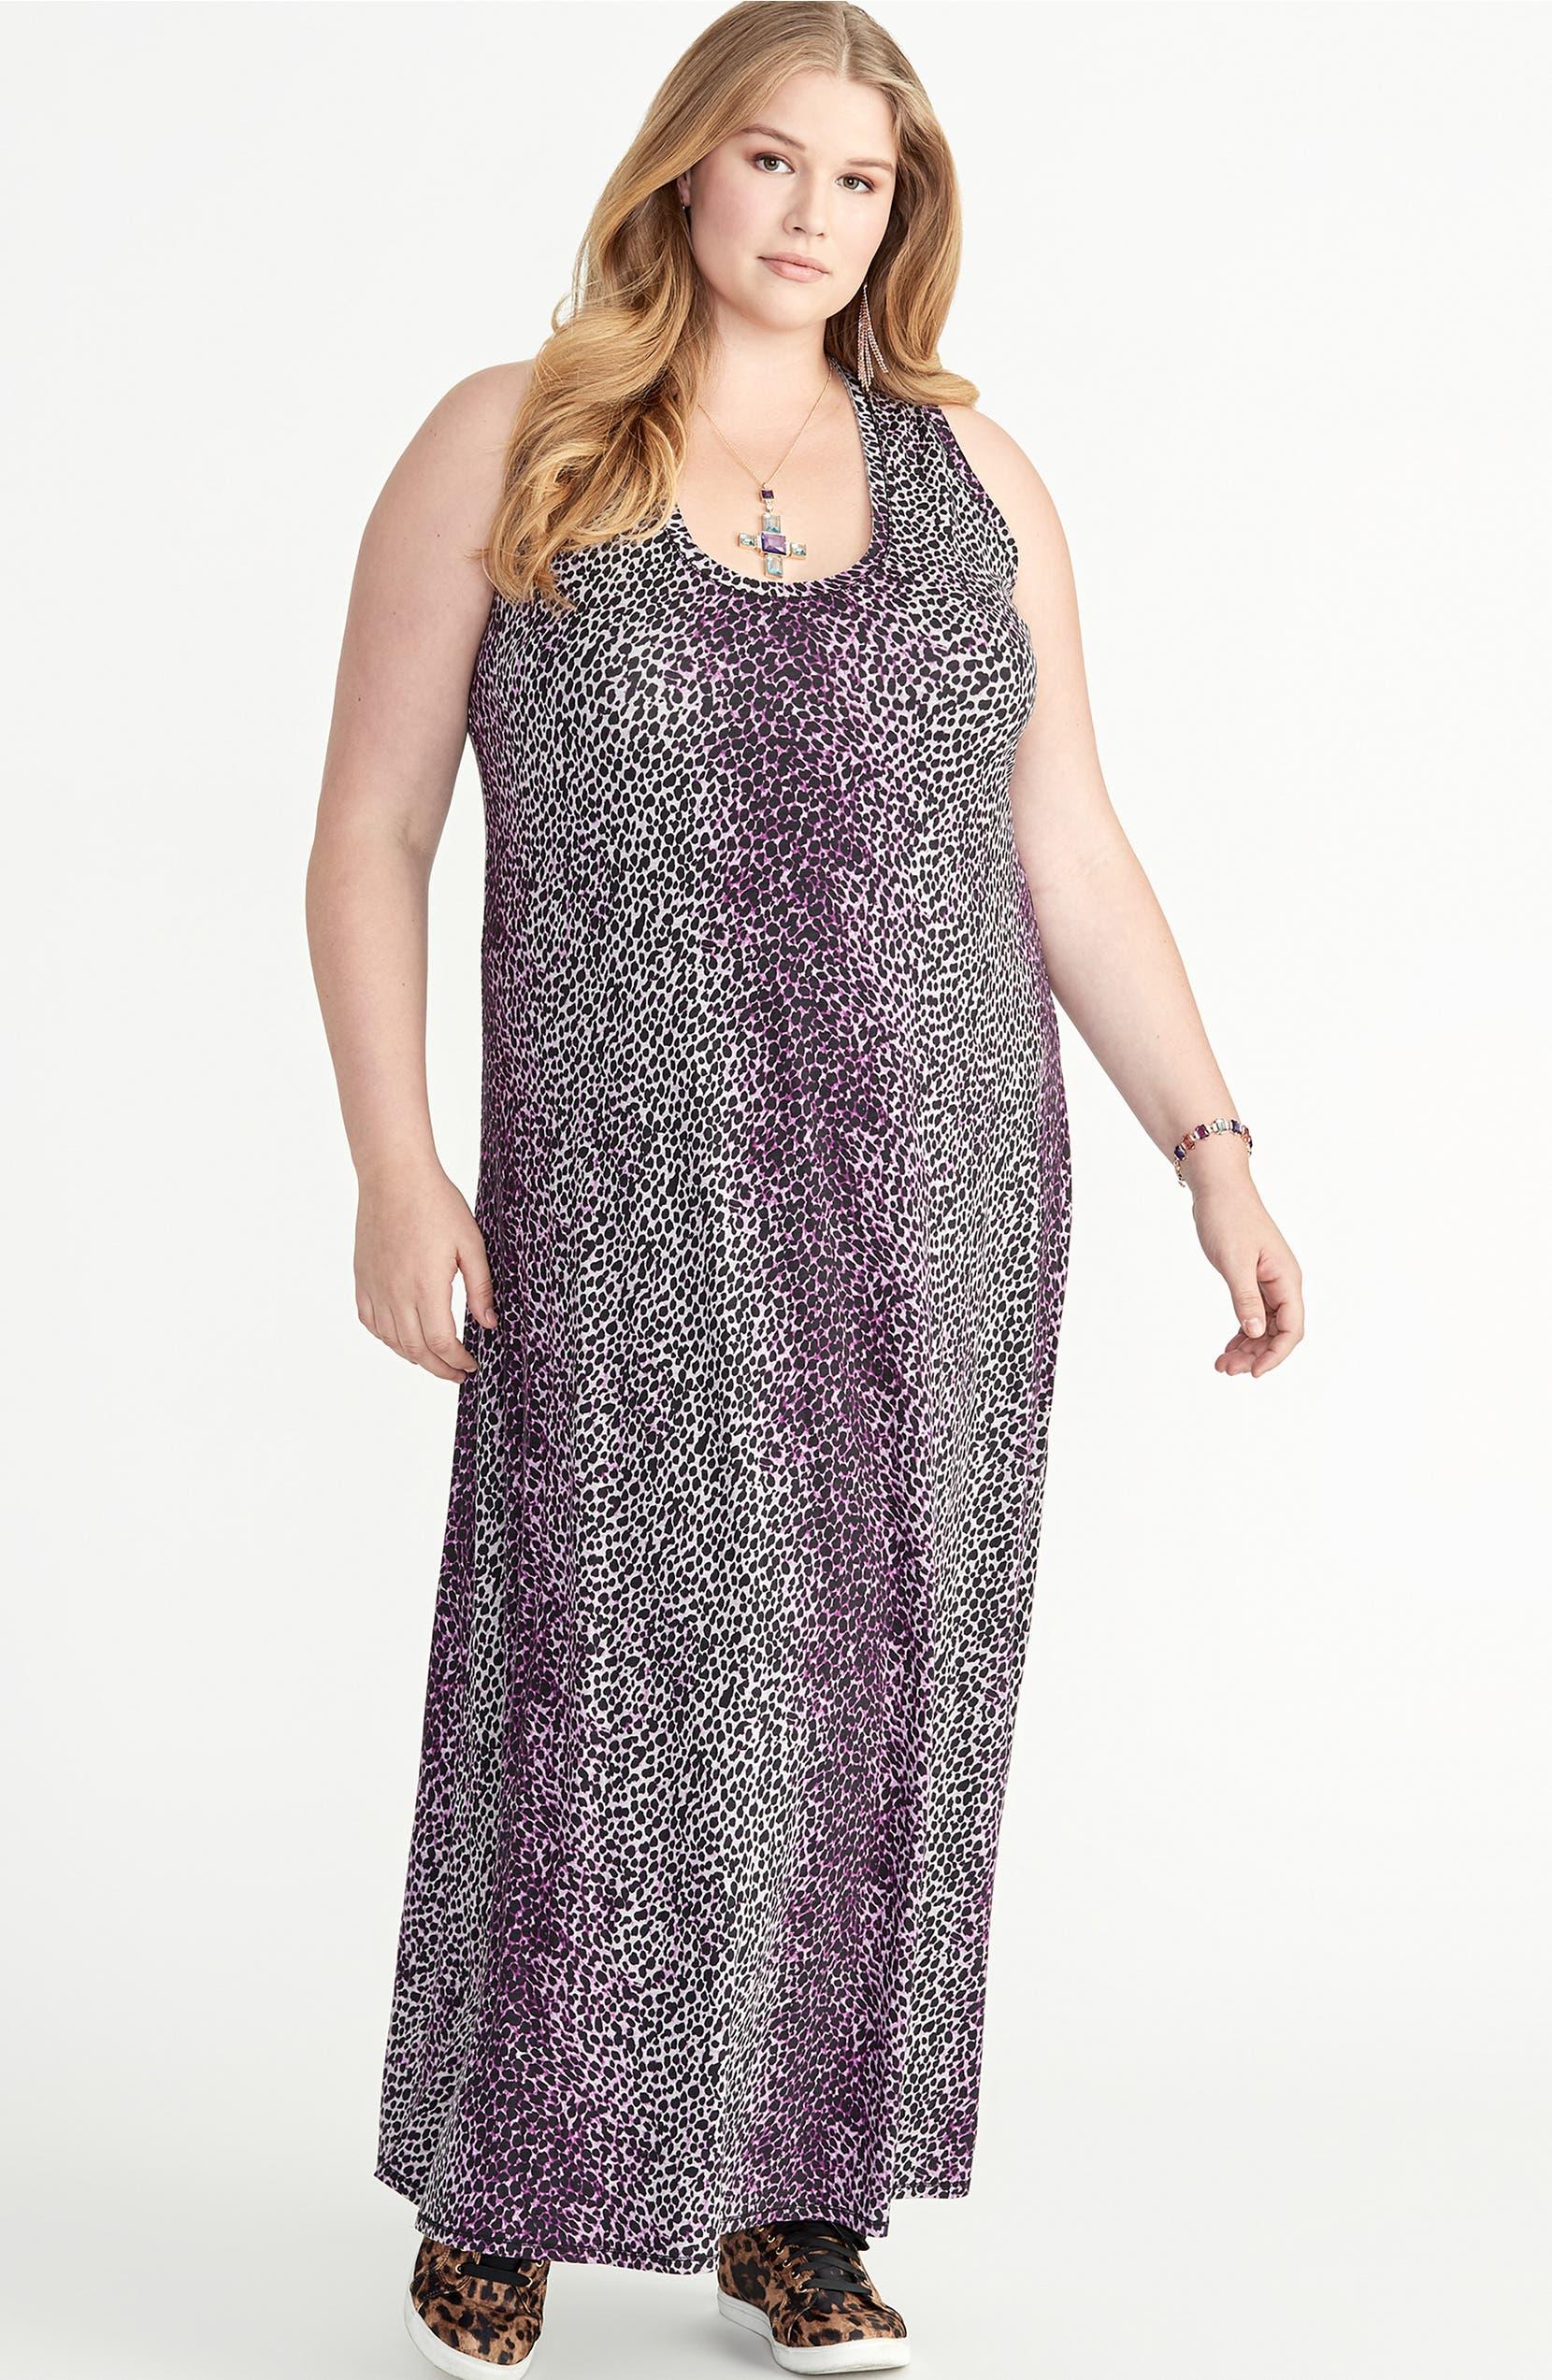 Rachel Roy Samantha Leopard Print Maxi Dress (Plus Size ...